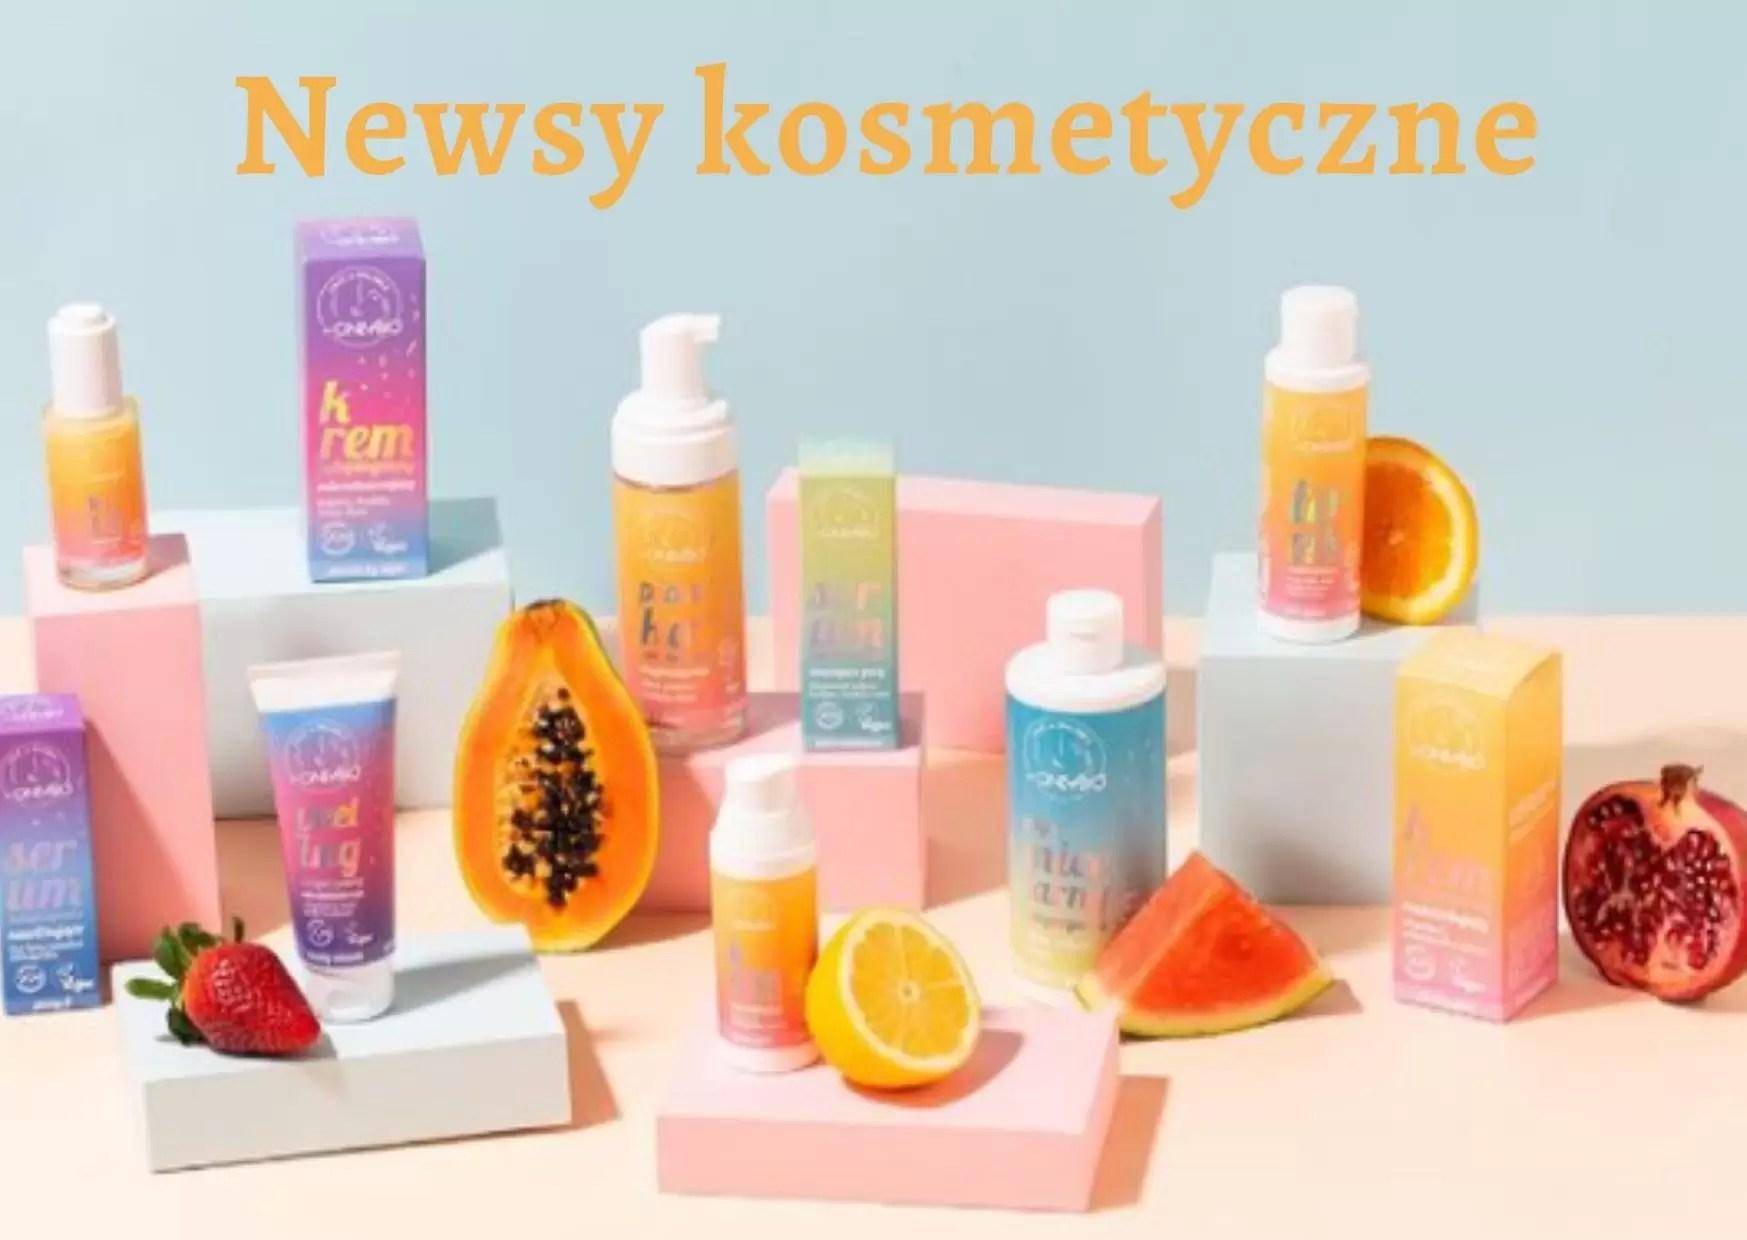 Newsy kosmetyczne